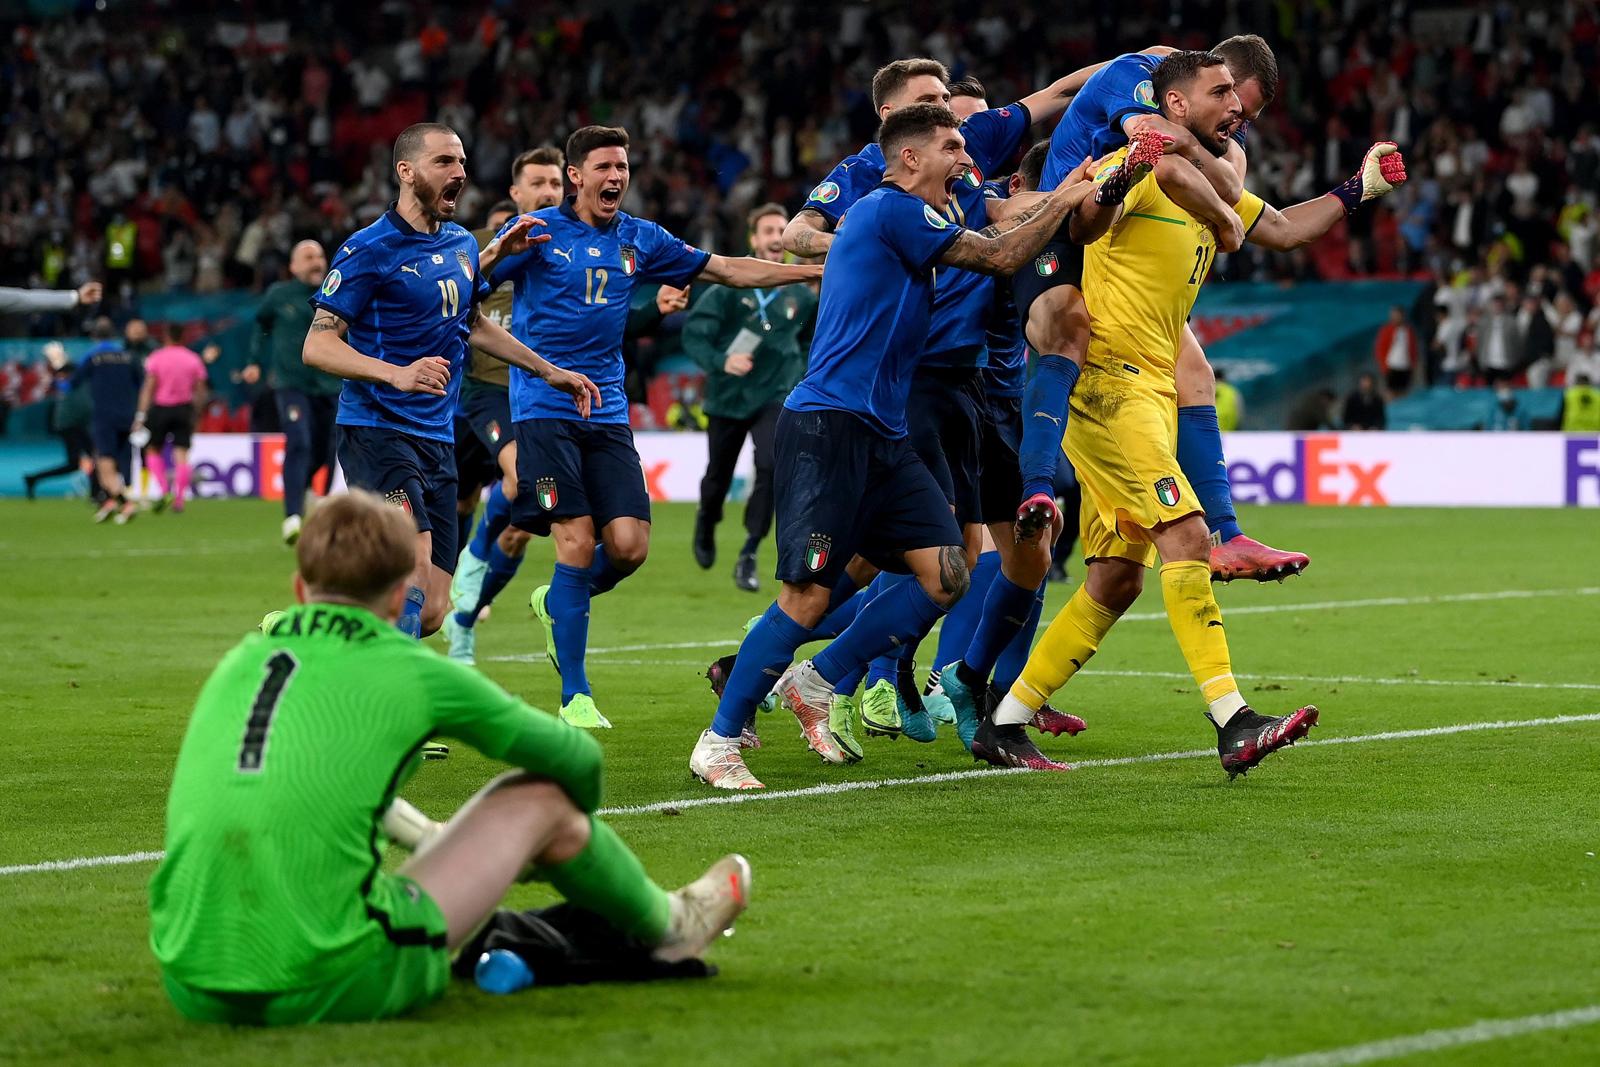 Các cầu thủ Italy đồng loạt chạy về phía Donnarumma sau khi anh cản được cú penalty cuối cùng, trong khi thủ môn Pickford phía Anh ngồi thừ trên sân.